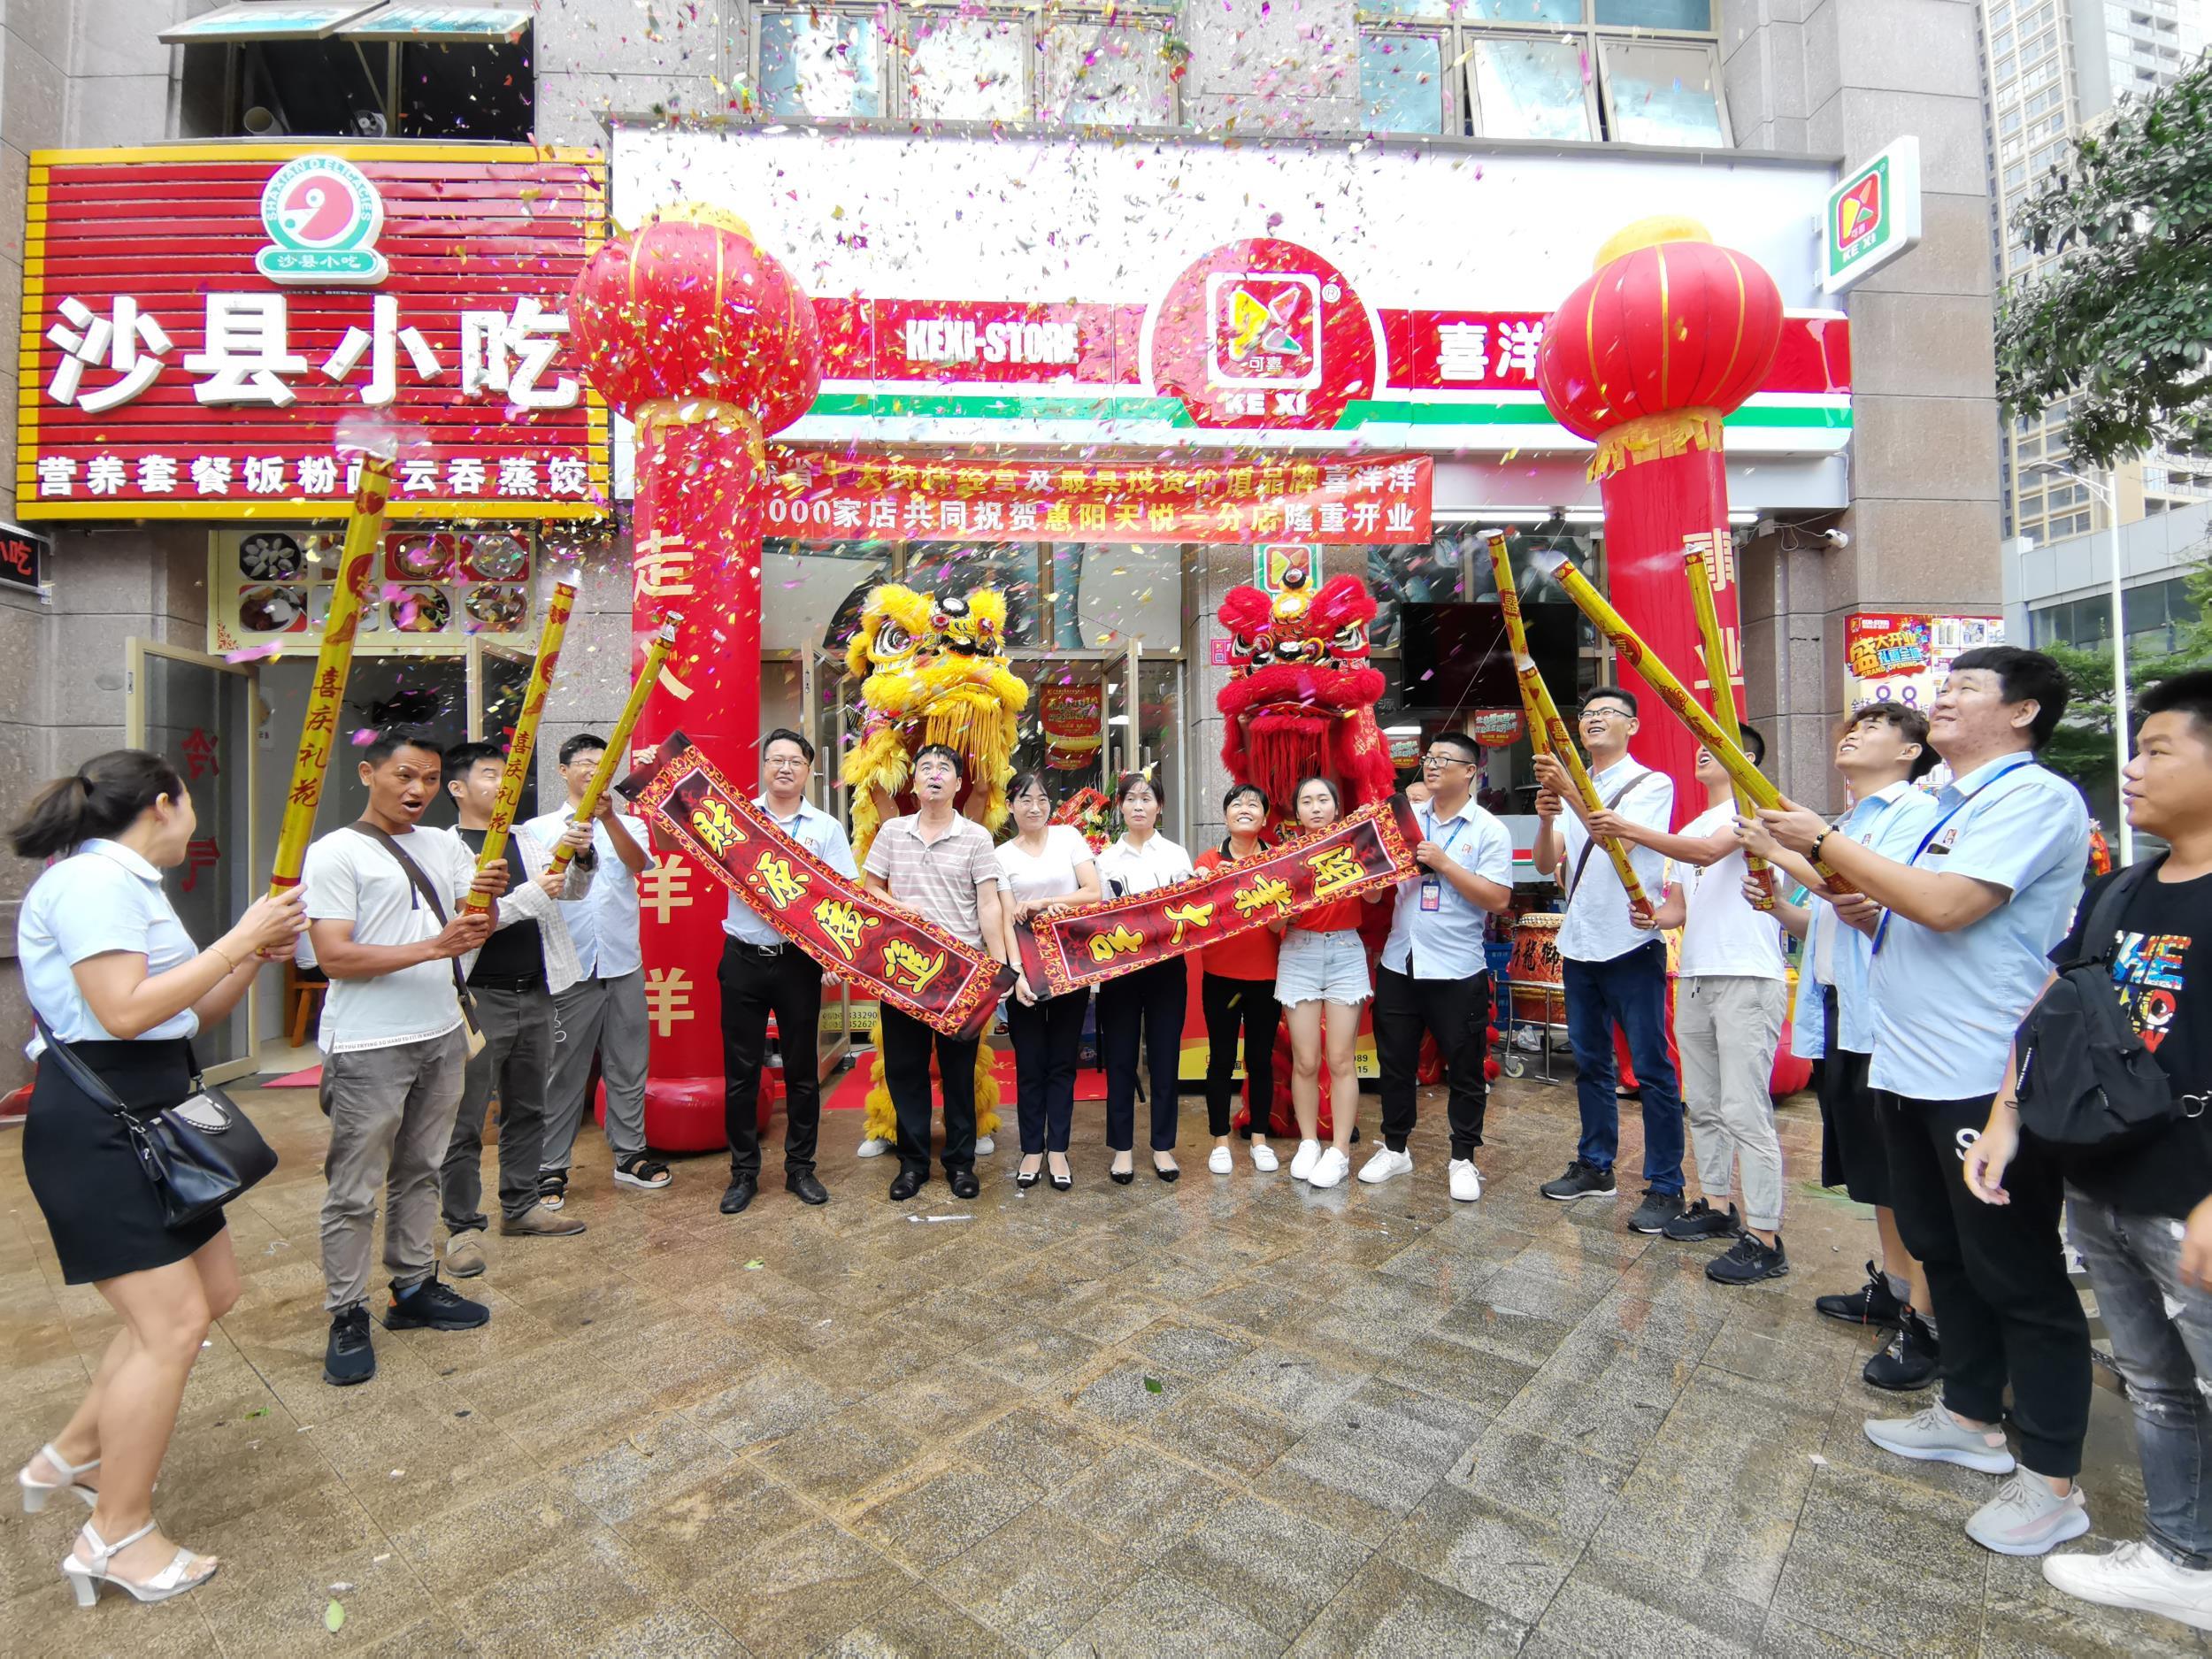 热烈祝贺喜洋洋惠阳天悦一分店8月1日盛大开业